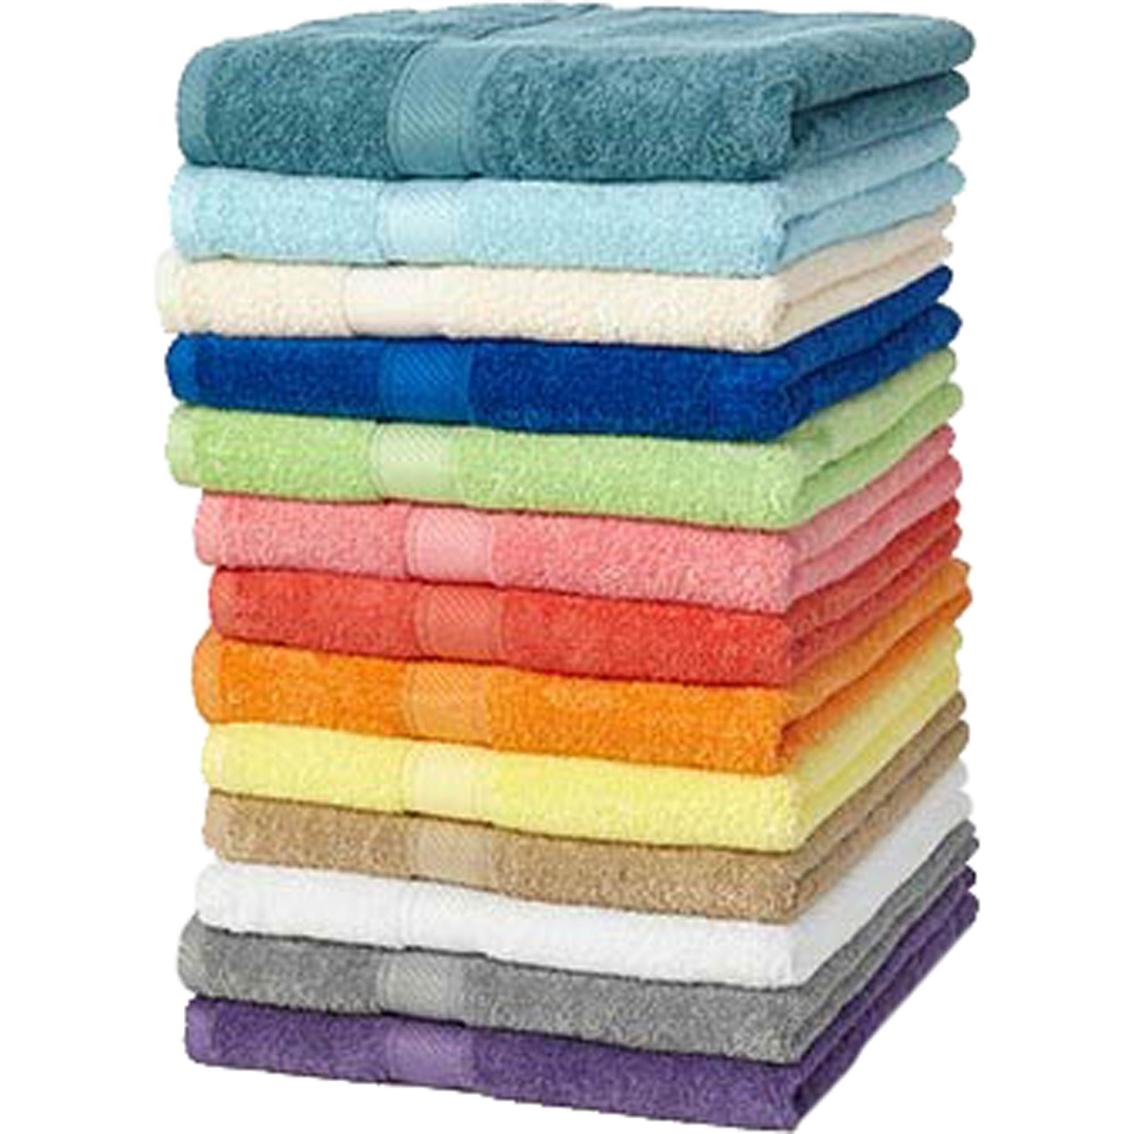 Peri Towels Home Goods: Martex Lasting Color Bath Towel